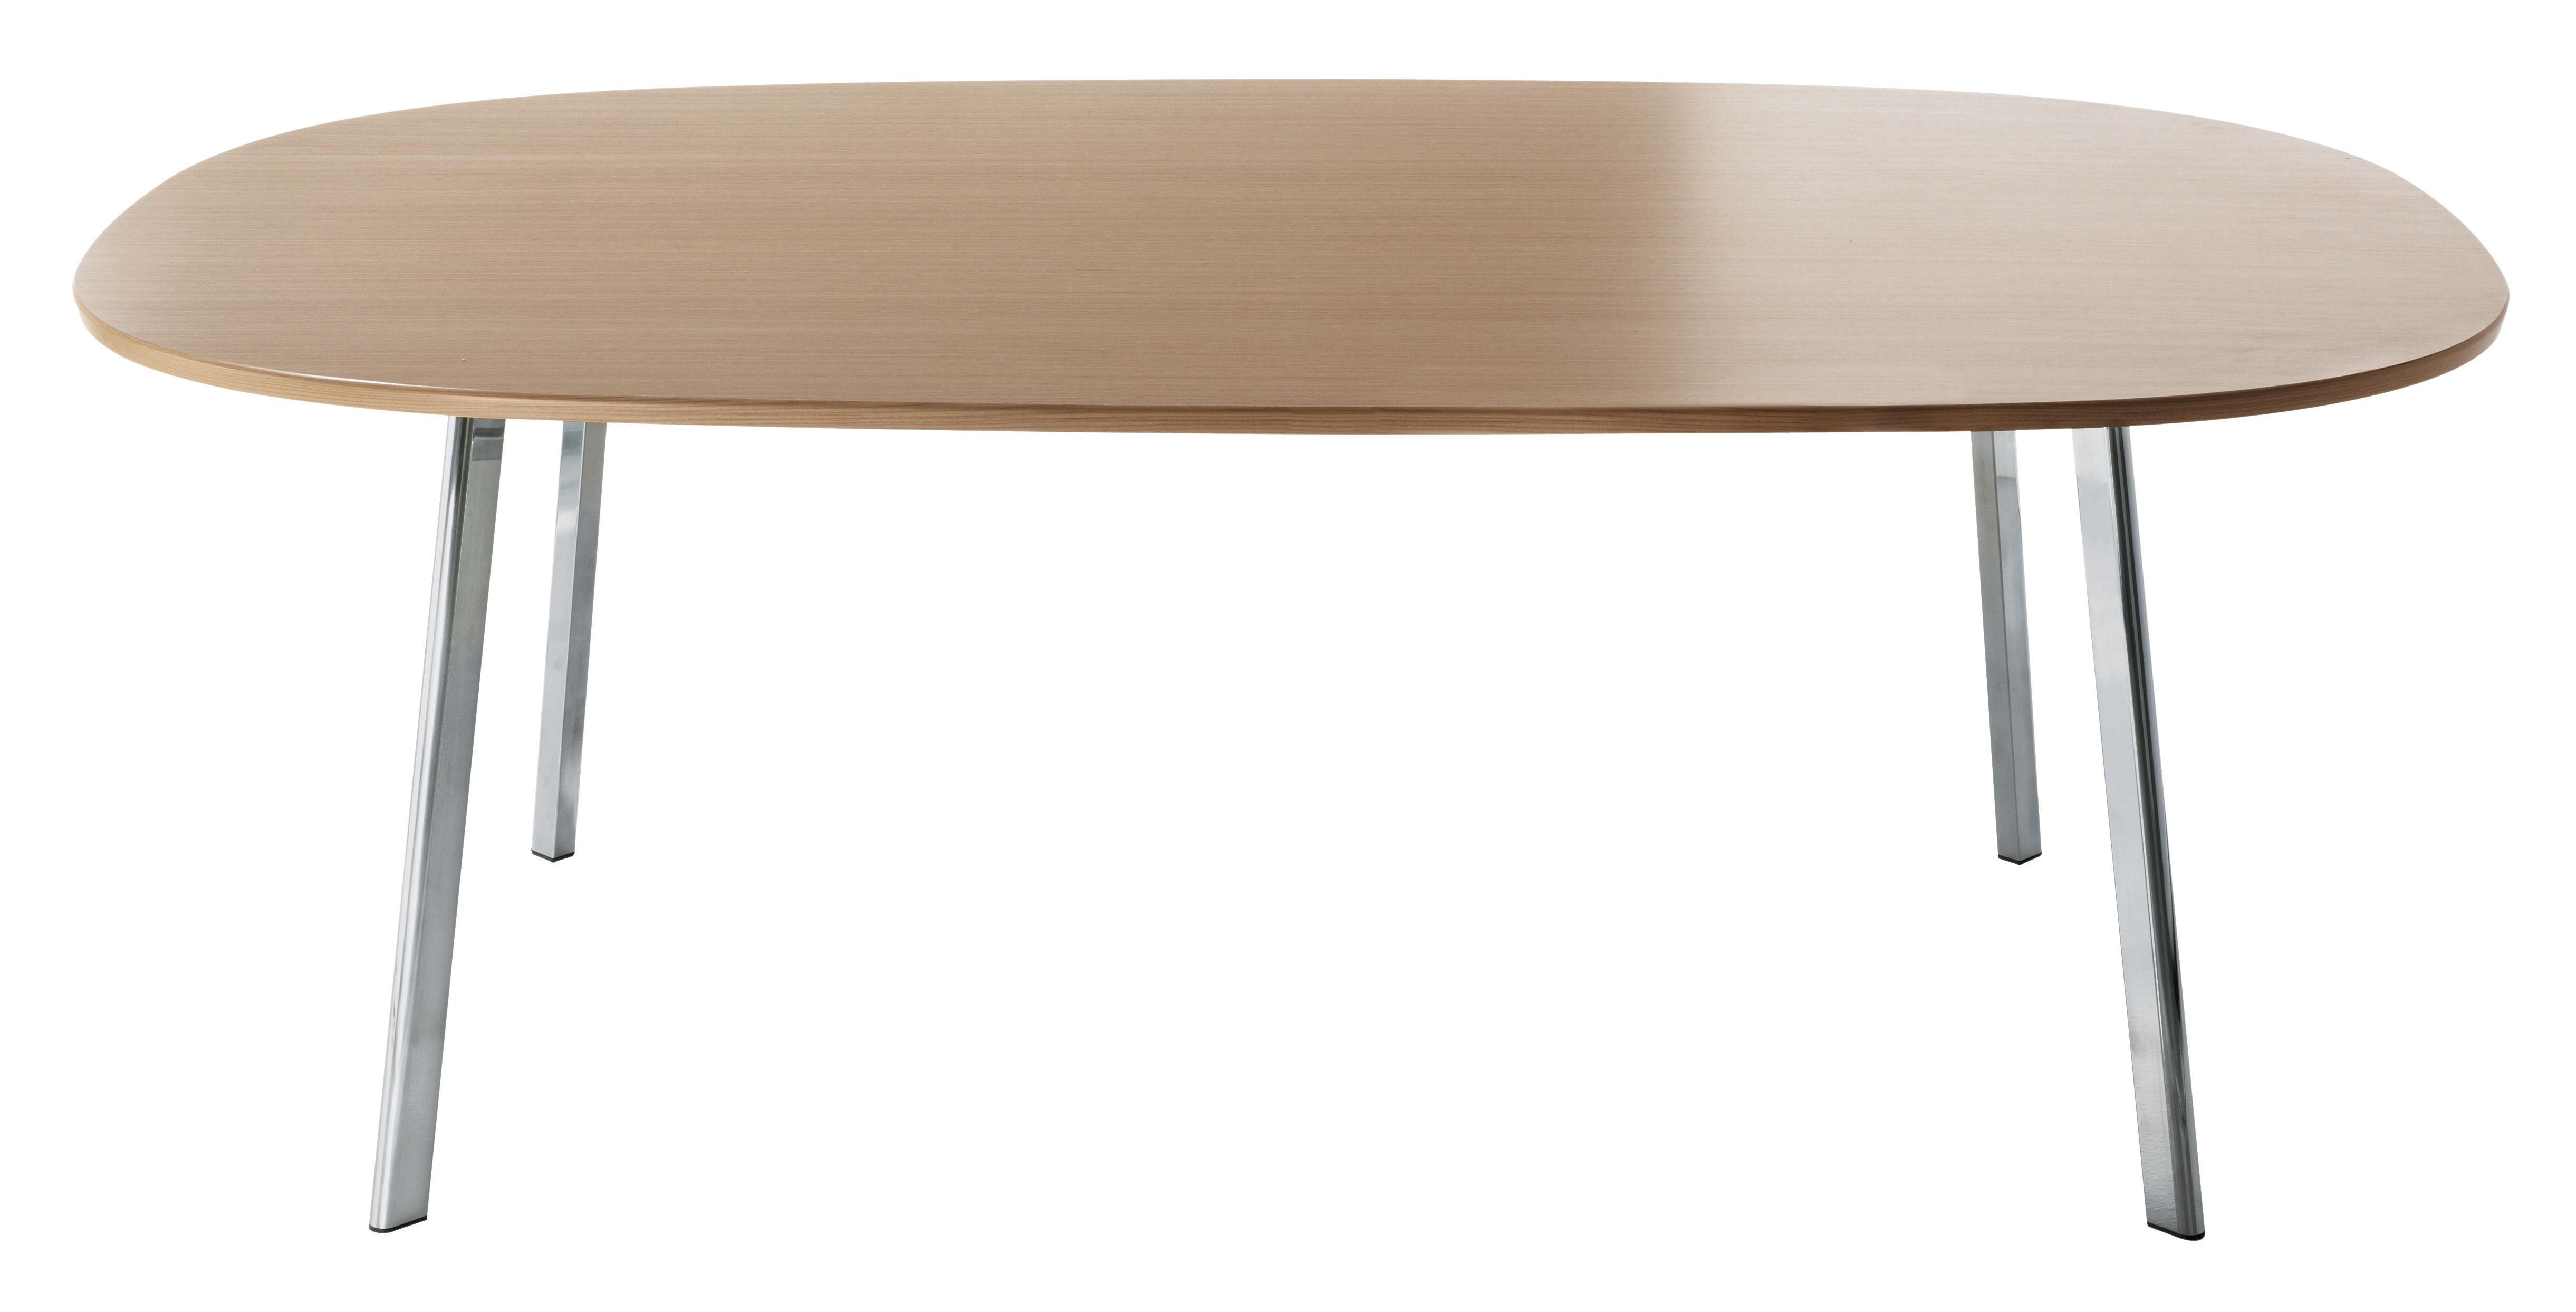 Möbel - Tische - Déjà-vu quadratischer Tisch 124 cm - Magis - 124 x 124 cm - Platte: eiche - eichenfurnierte Holzfaserplatte, poliertes Aluminium